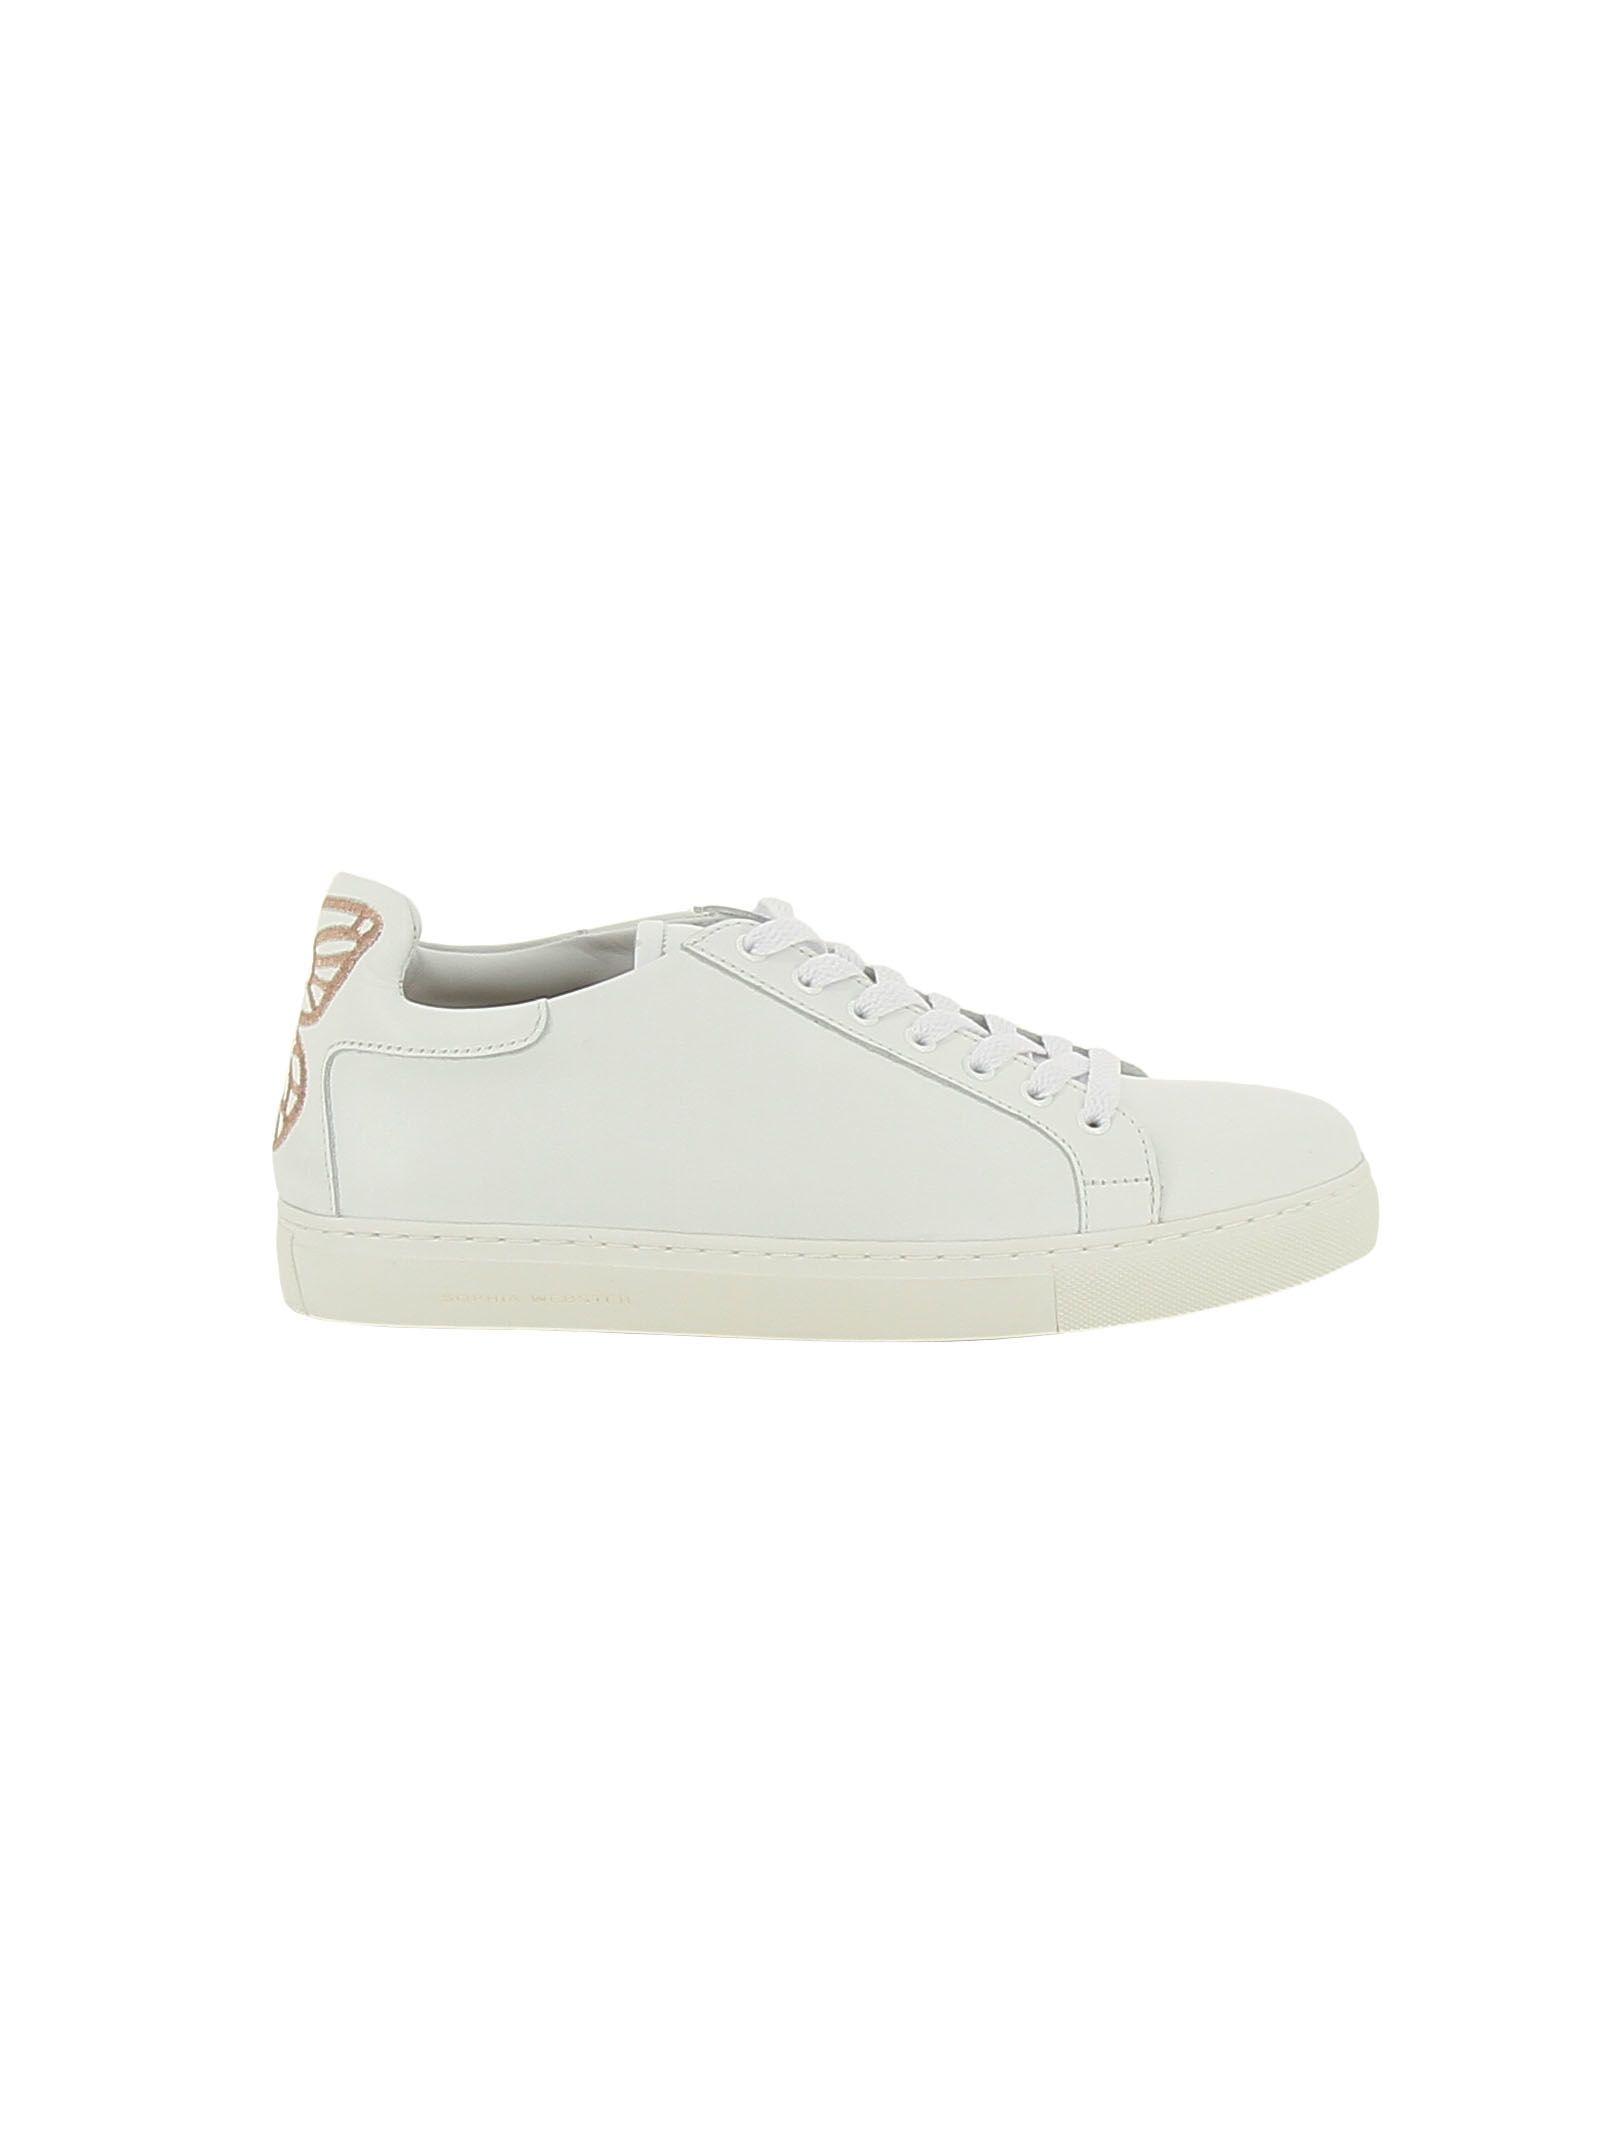 Sophia Webster Bibi Low Top Sneakers